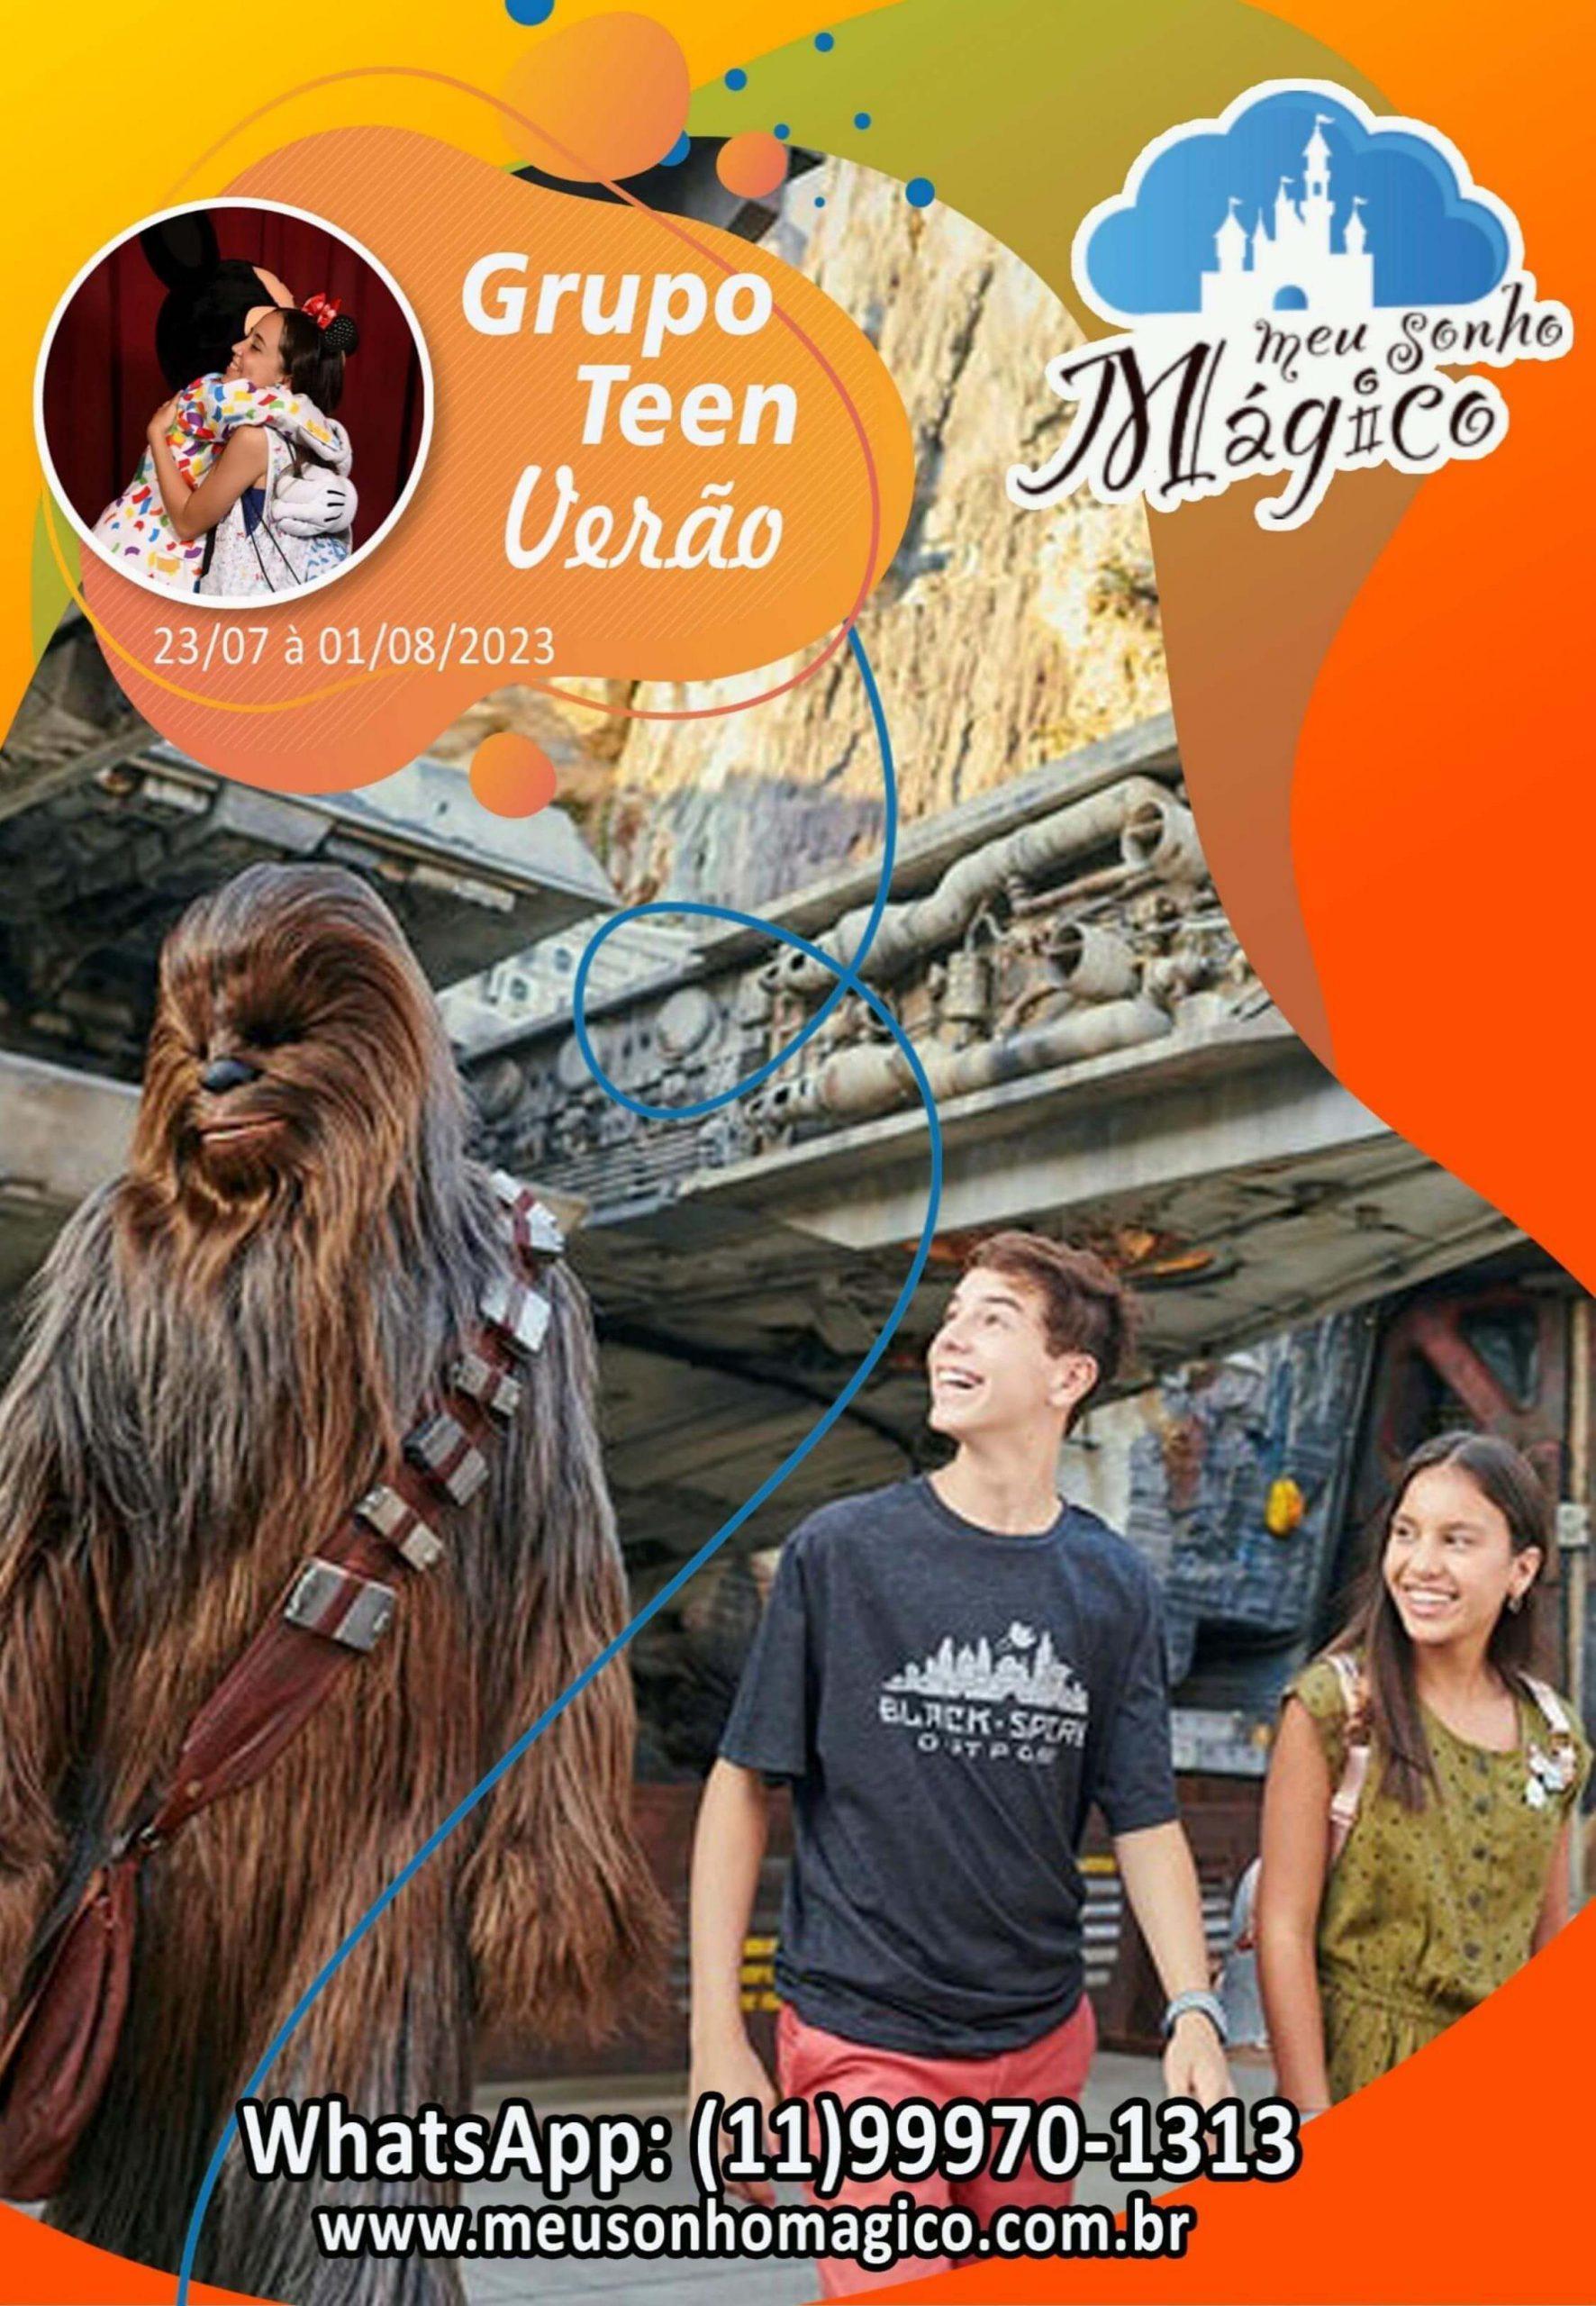 Grupo Teen Verão - Disney Julho 2023 1